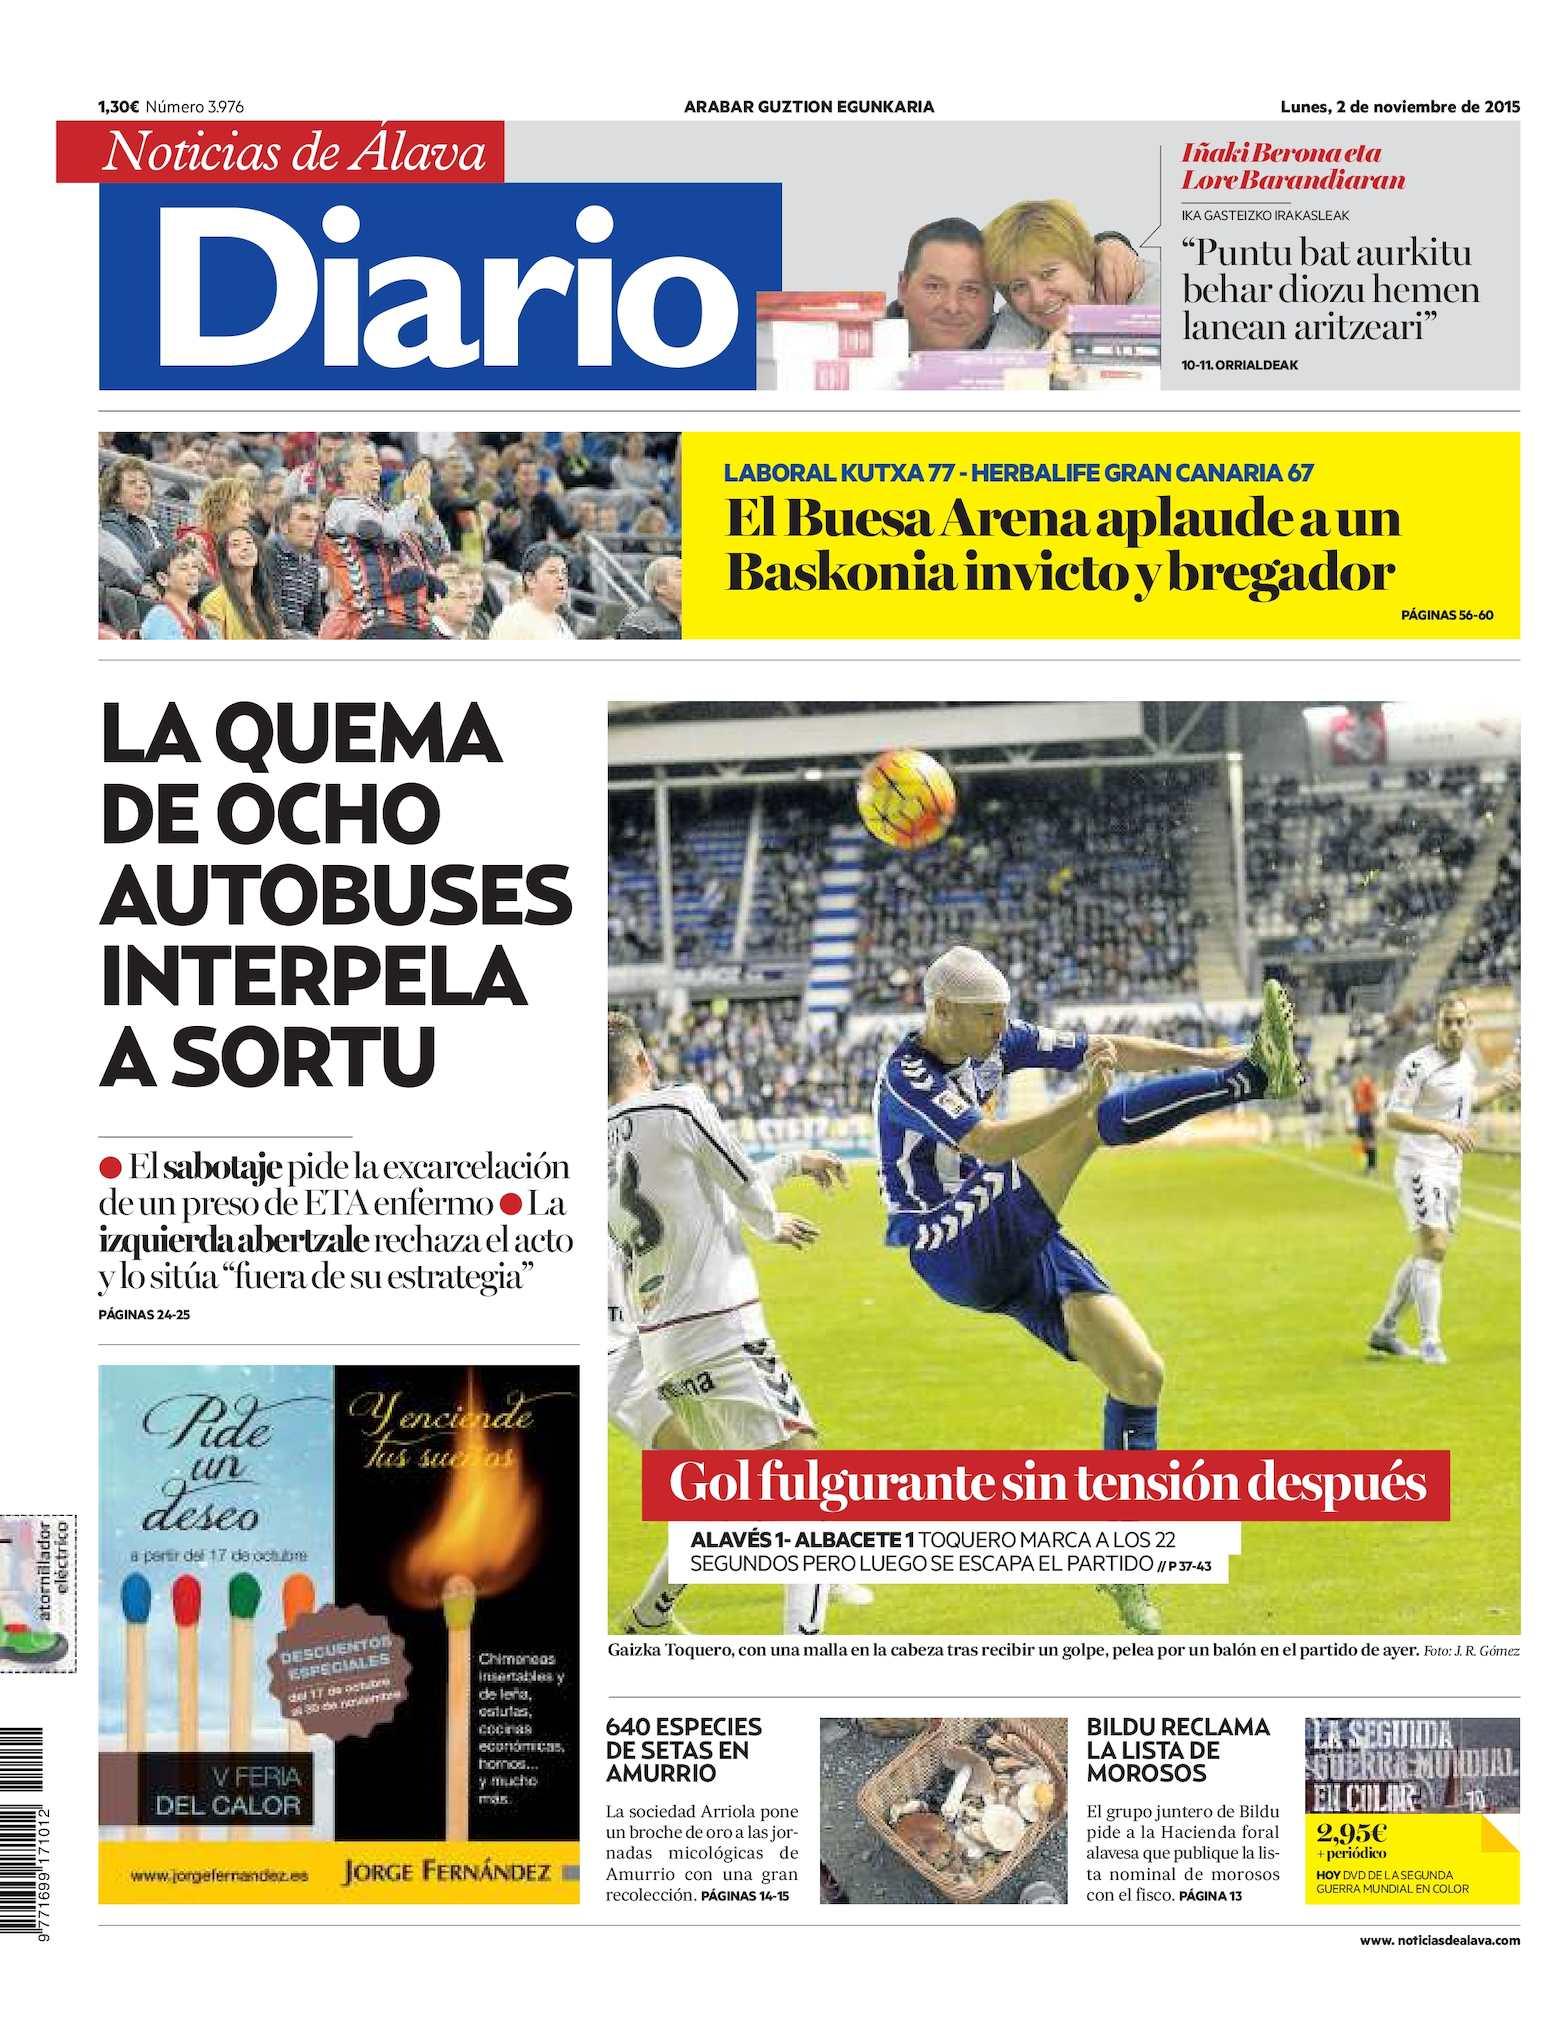 5a97f1845b1 Calaméo - Diario de Noticias de Álava 20151102